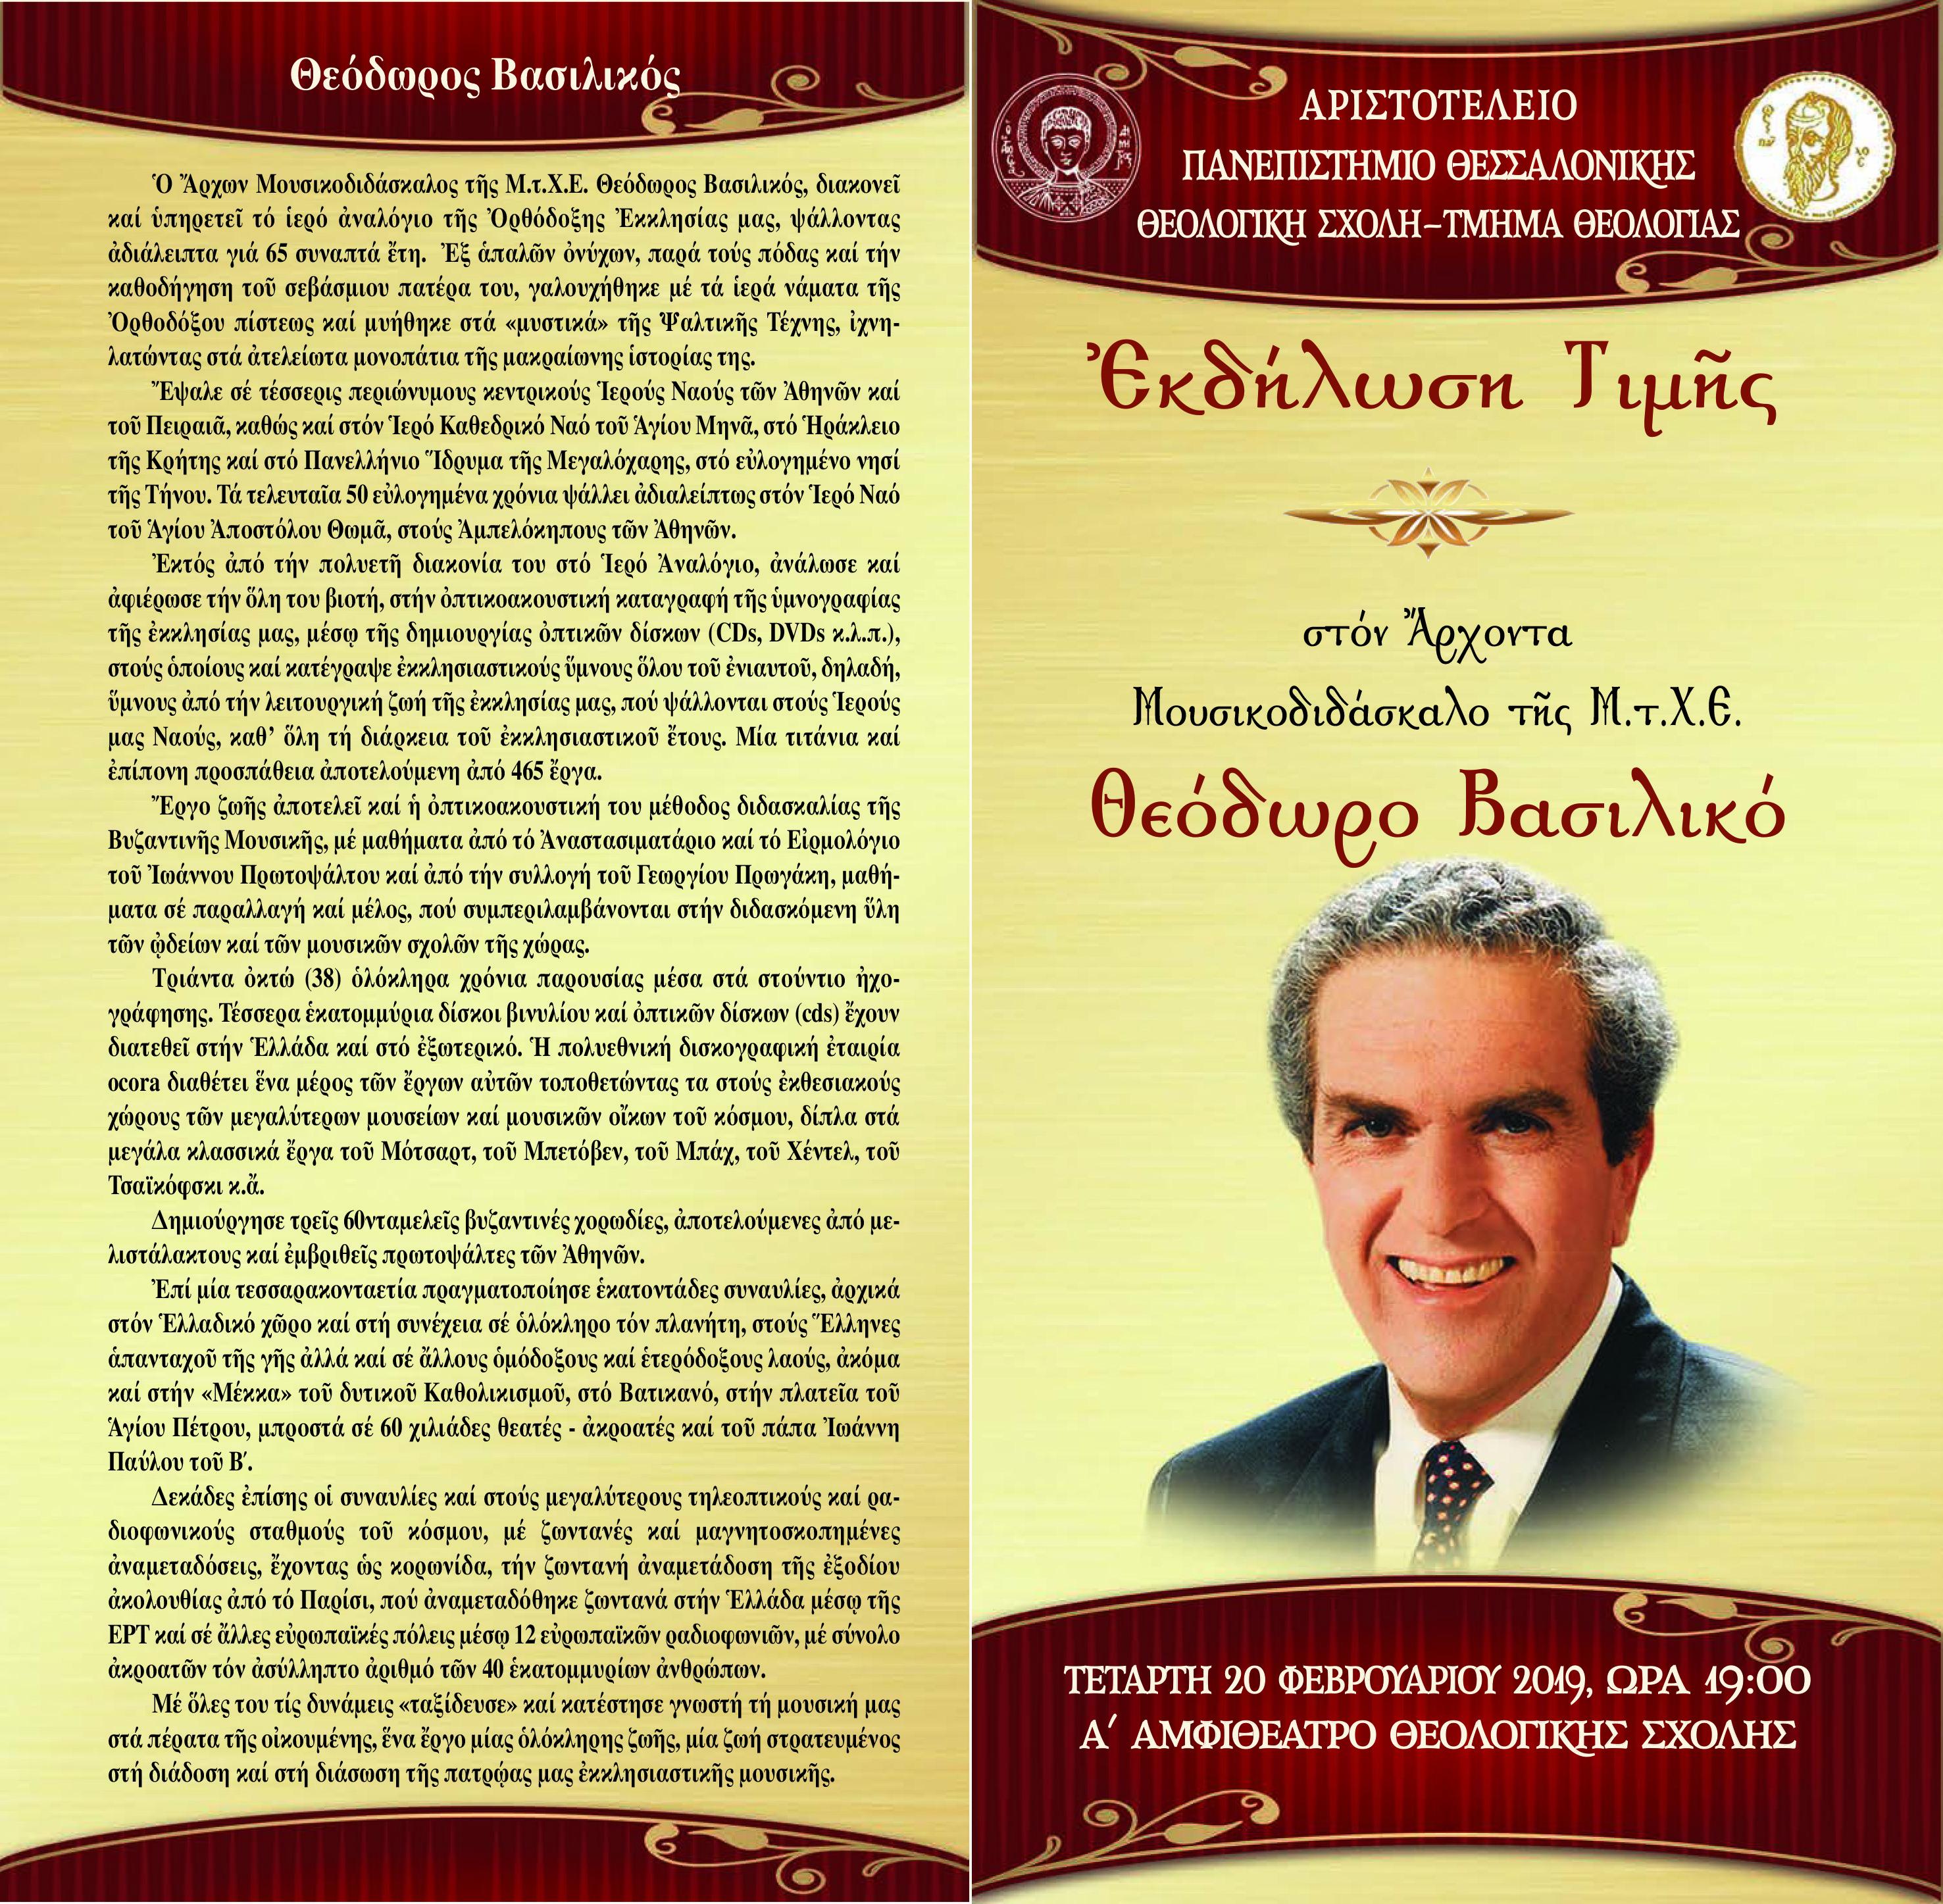 ΟΡΘΟΔΟΞΙΑ INFO | Τον Άρχοντα Μουσικοδιδάσκαλο Θ. Βασιλικό τιμά το Τμήμα Θεολογίας ΑΠΘ